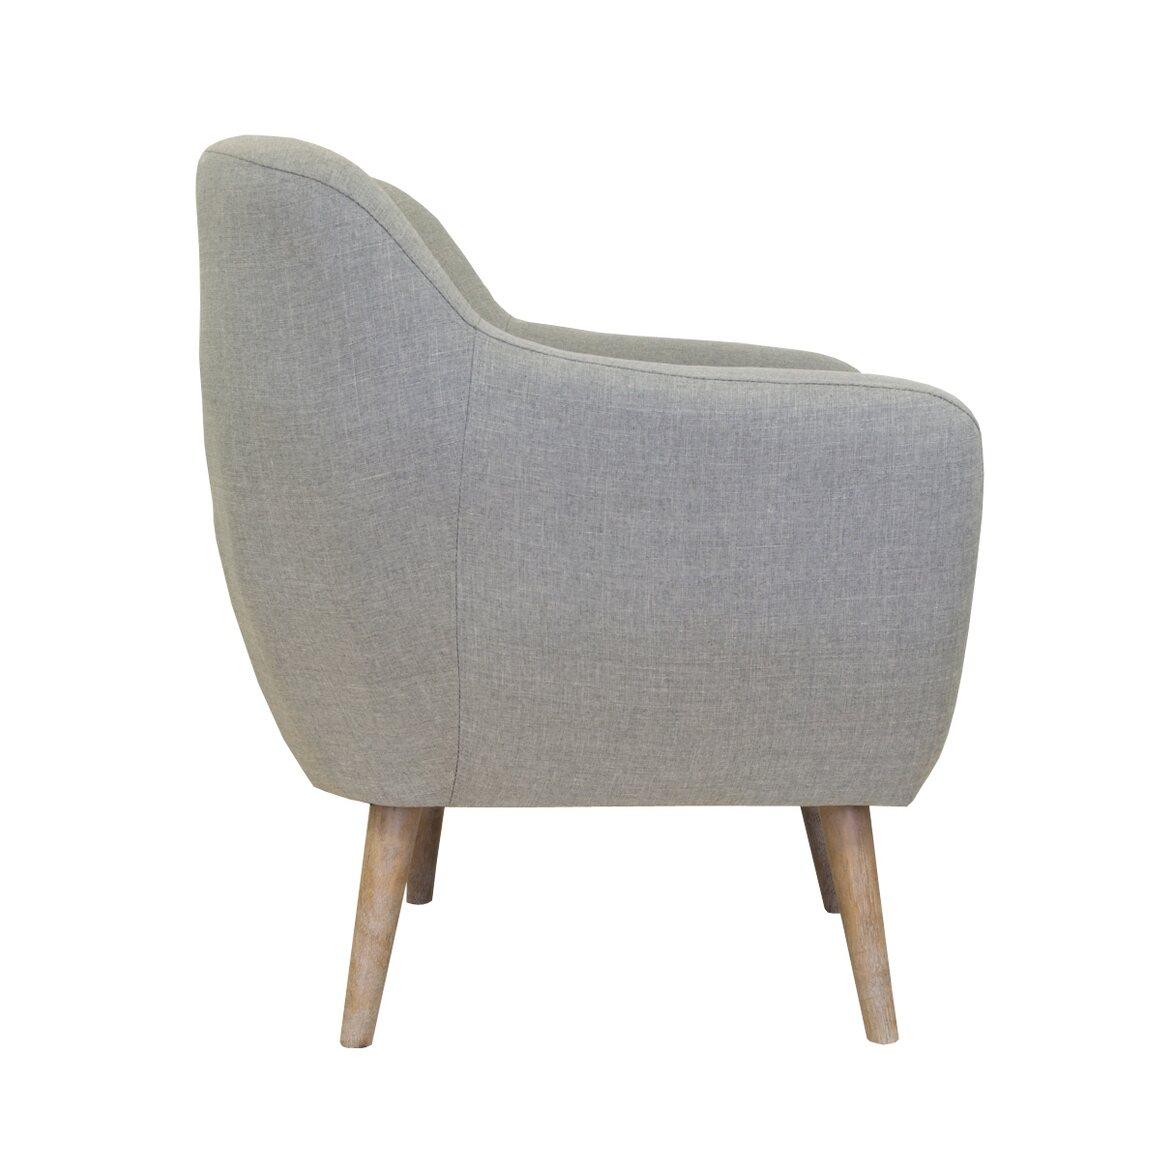 Низкое кресло Fuller grey 2 | Маленькие кресла Kingsby